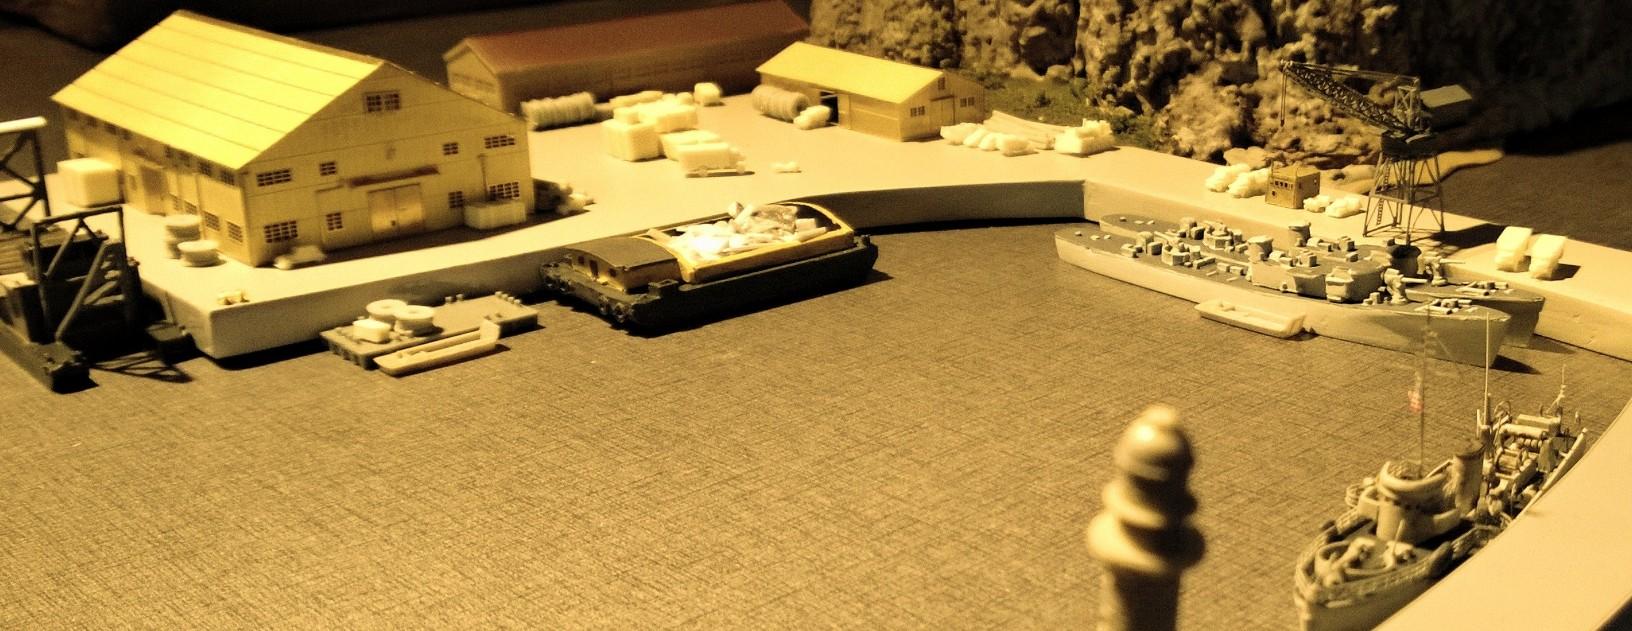 Diorama base navale 1/700 par Nesquik - Page 3 FZV7D